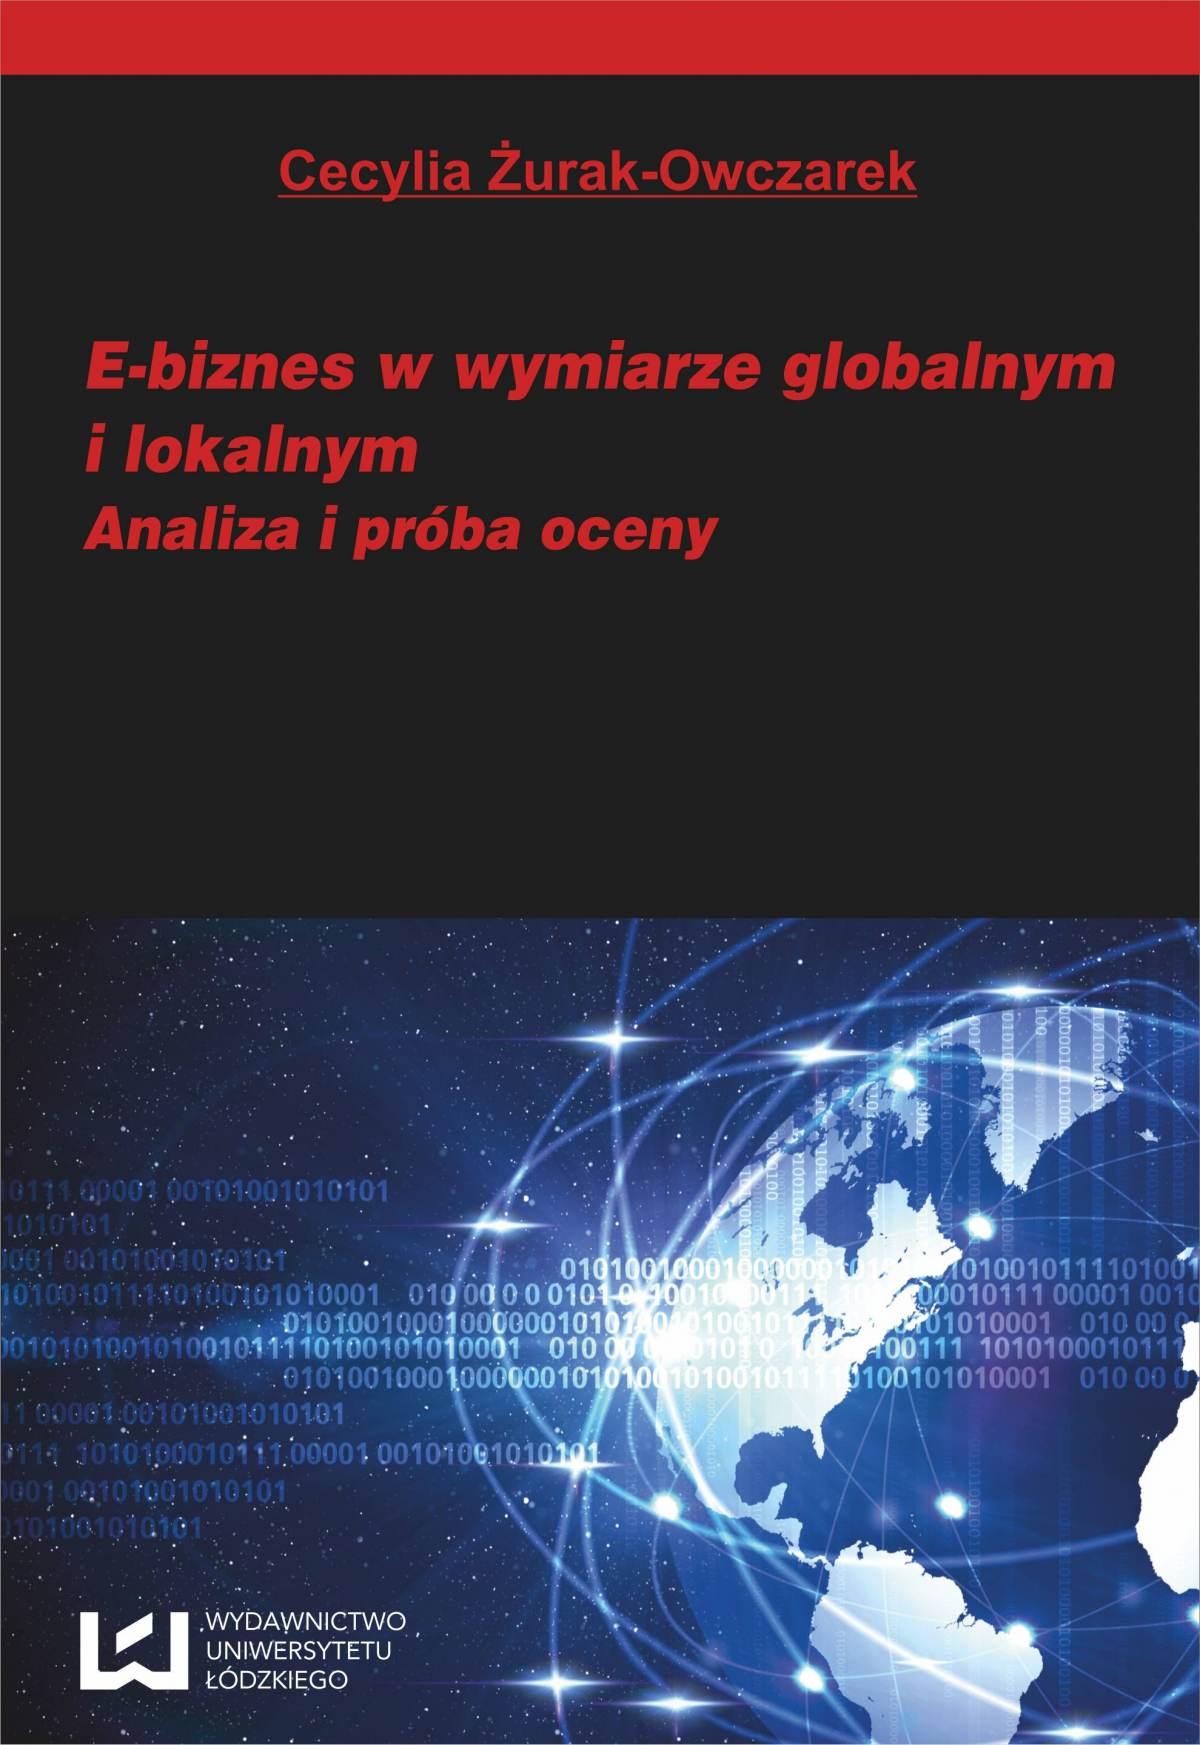 E-biznes w wymiarze globalnym i lokalnym. Analiza i próba oceny - Ebook (Książka PDF) do pobrania w formacie PDF